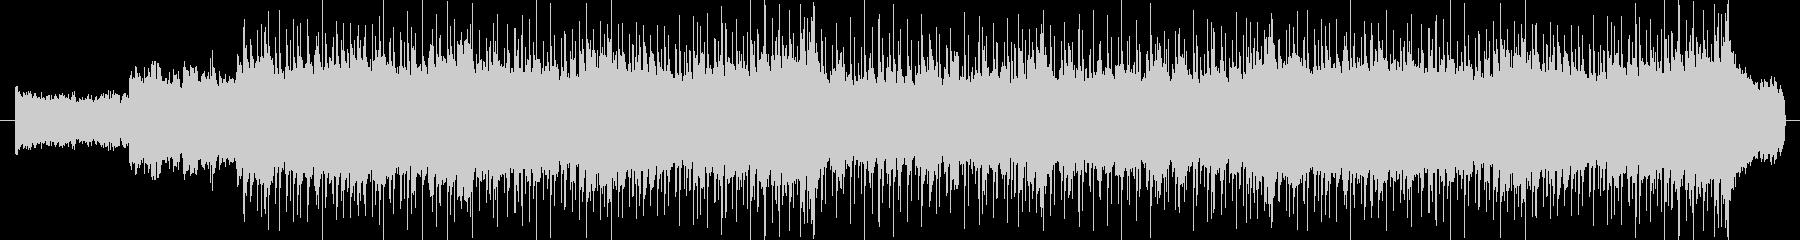 ギターリフが印象的なバンドサウンドの未再生の波形